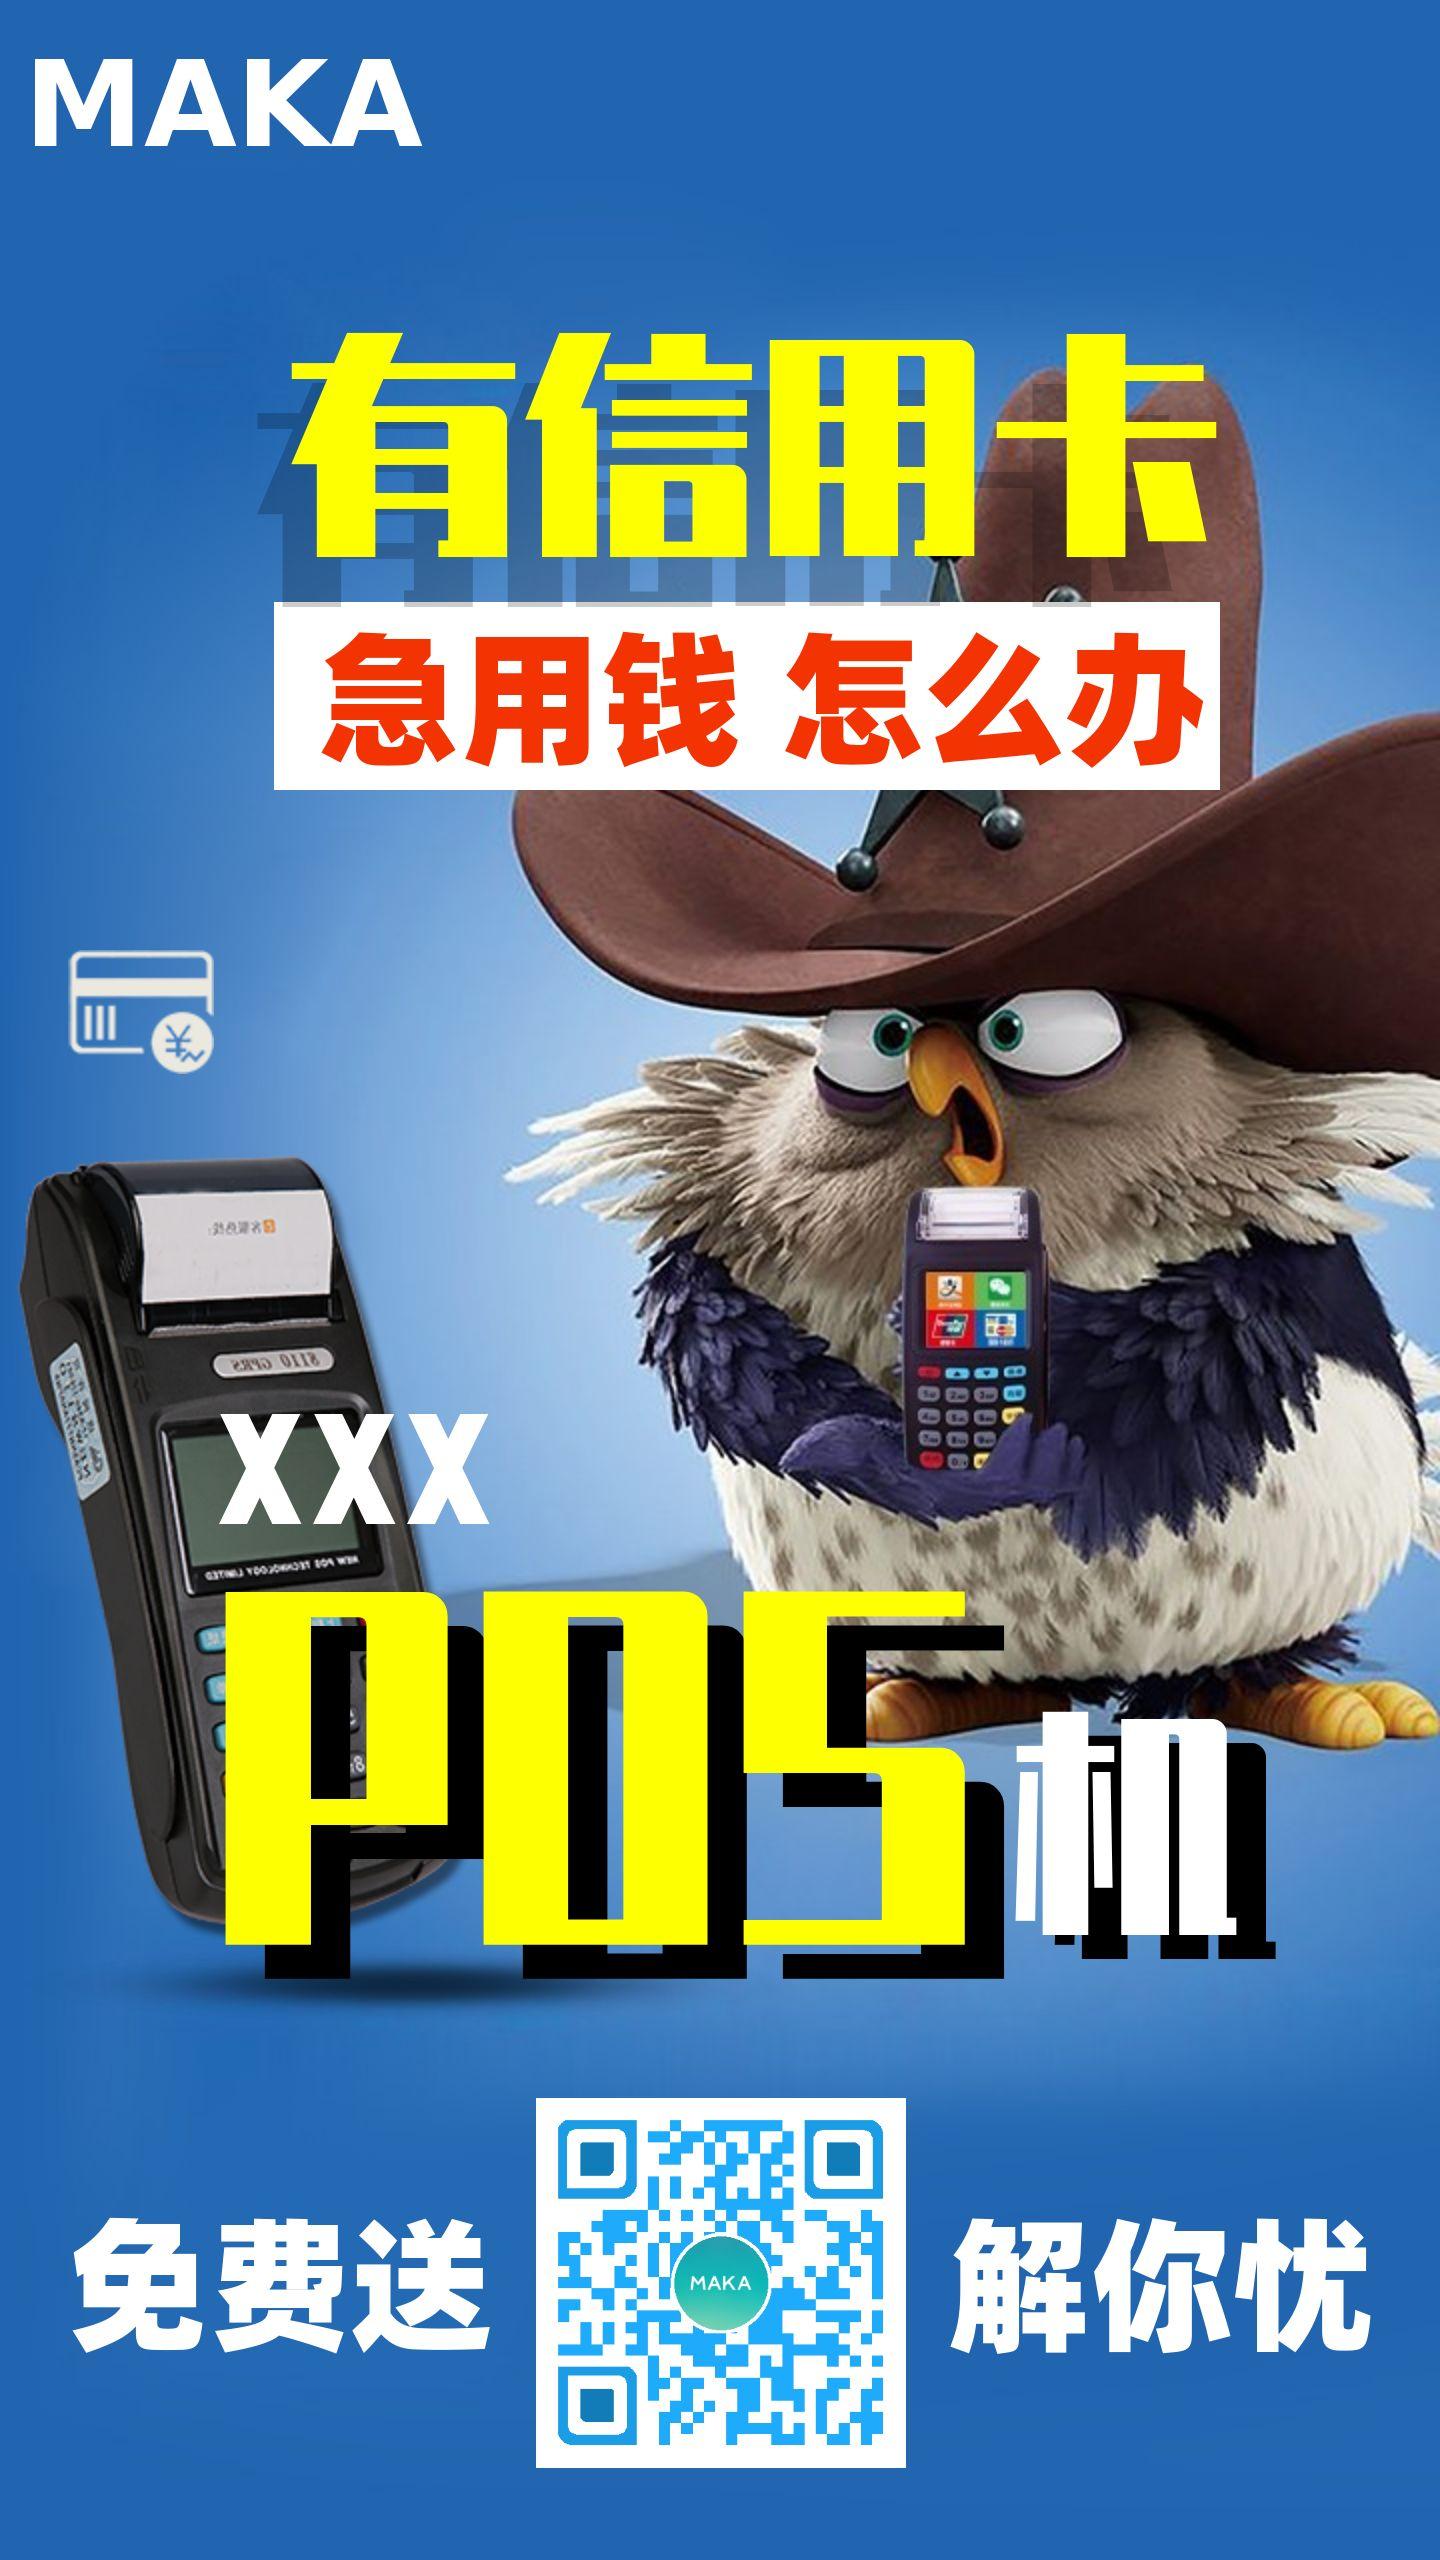 金融行业卡通风格POS促销宣传海报